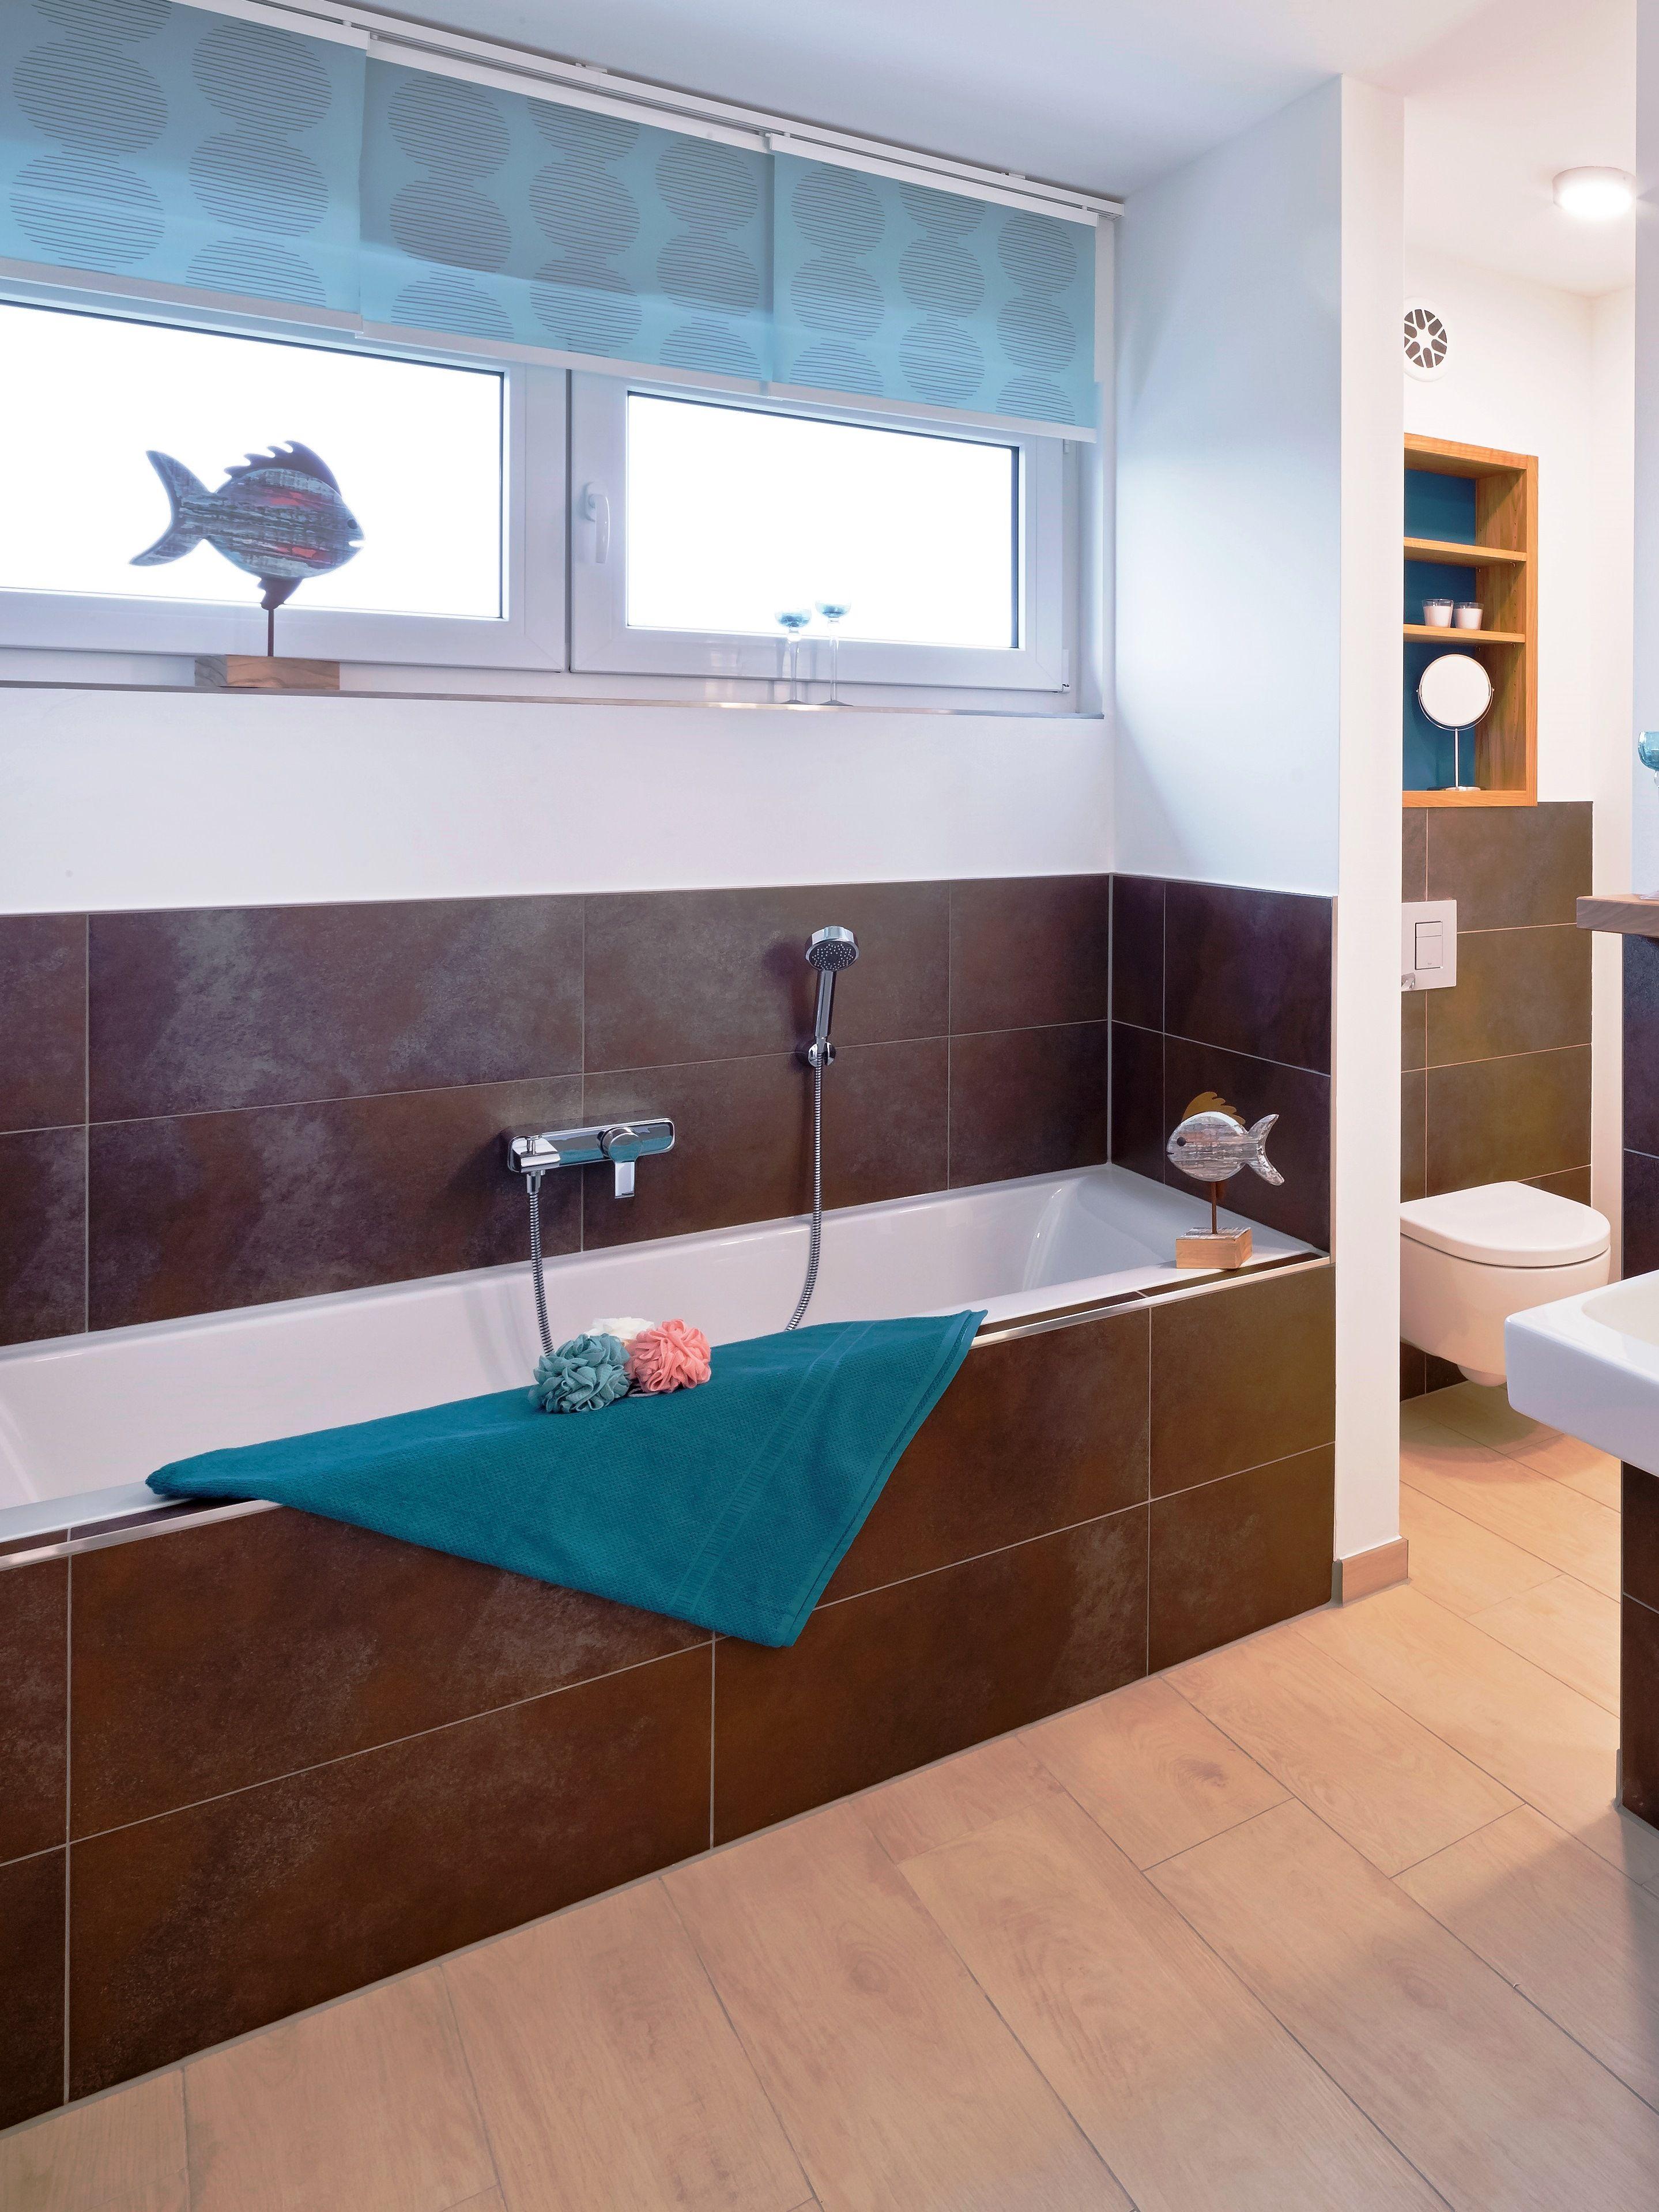 Badfliesen In Modernen Brauntonen Badezimmer Inspiration Moderne Fliesen Heinz Von Heiden Hauser